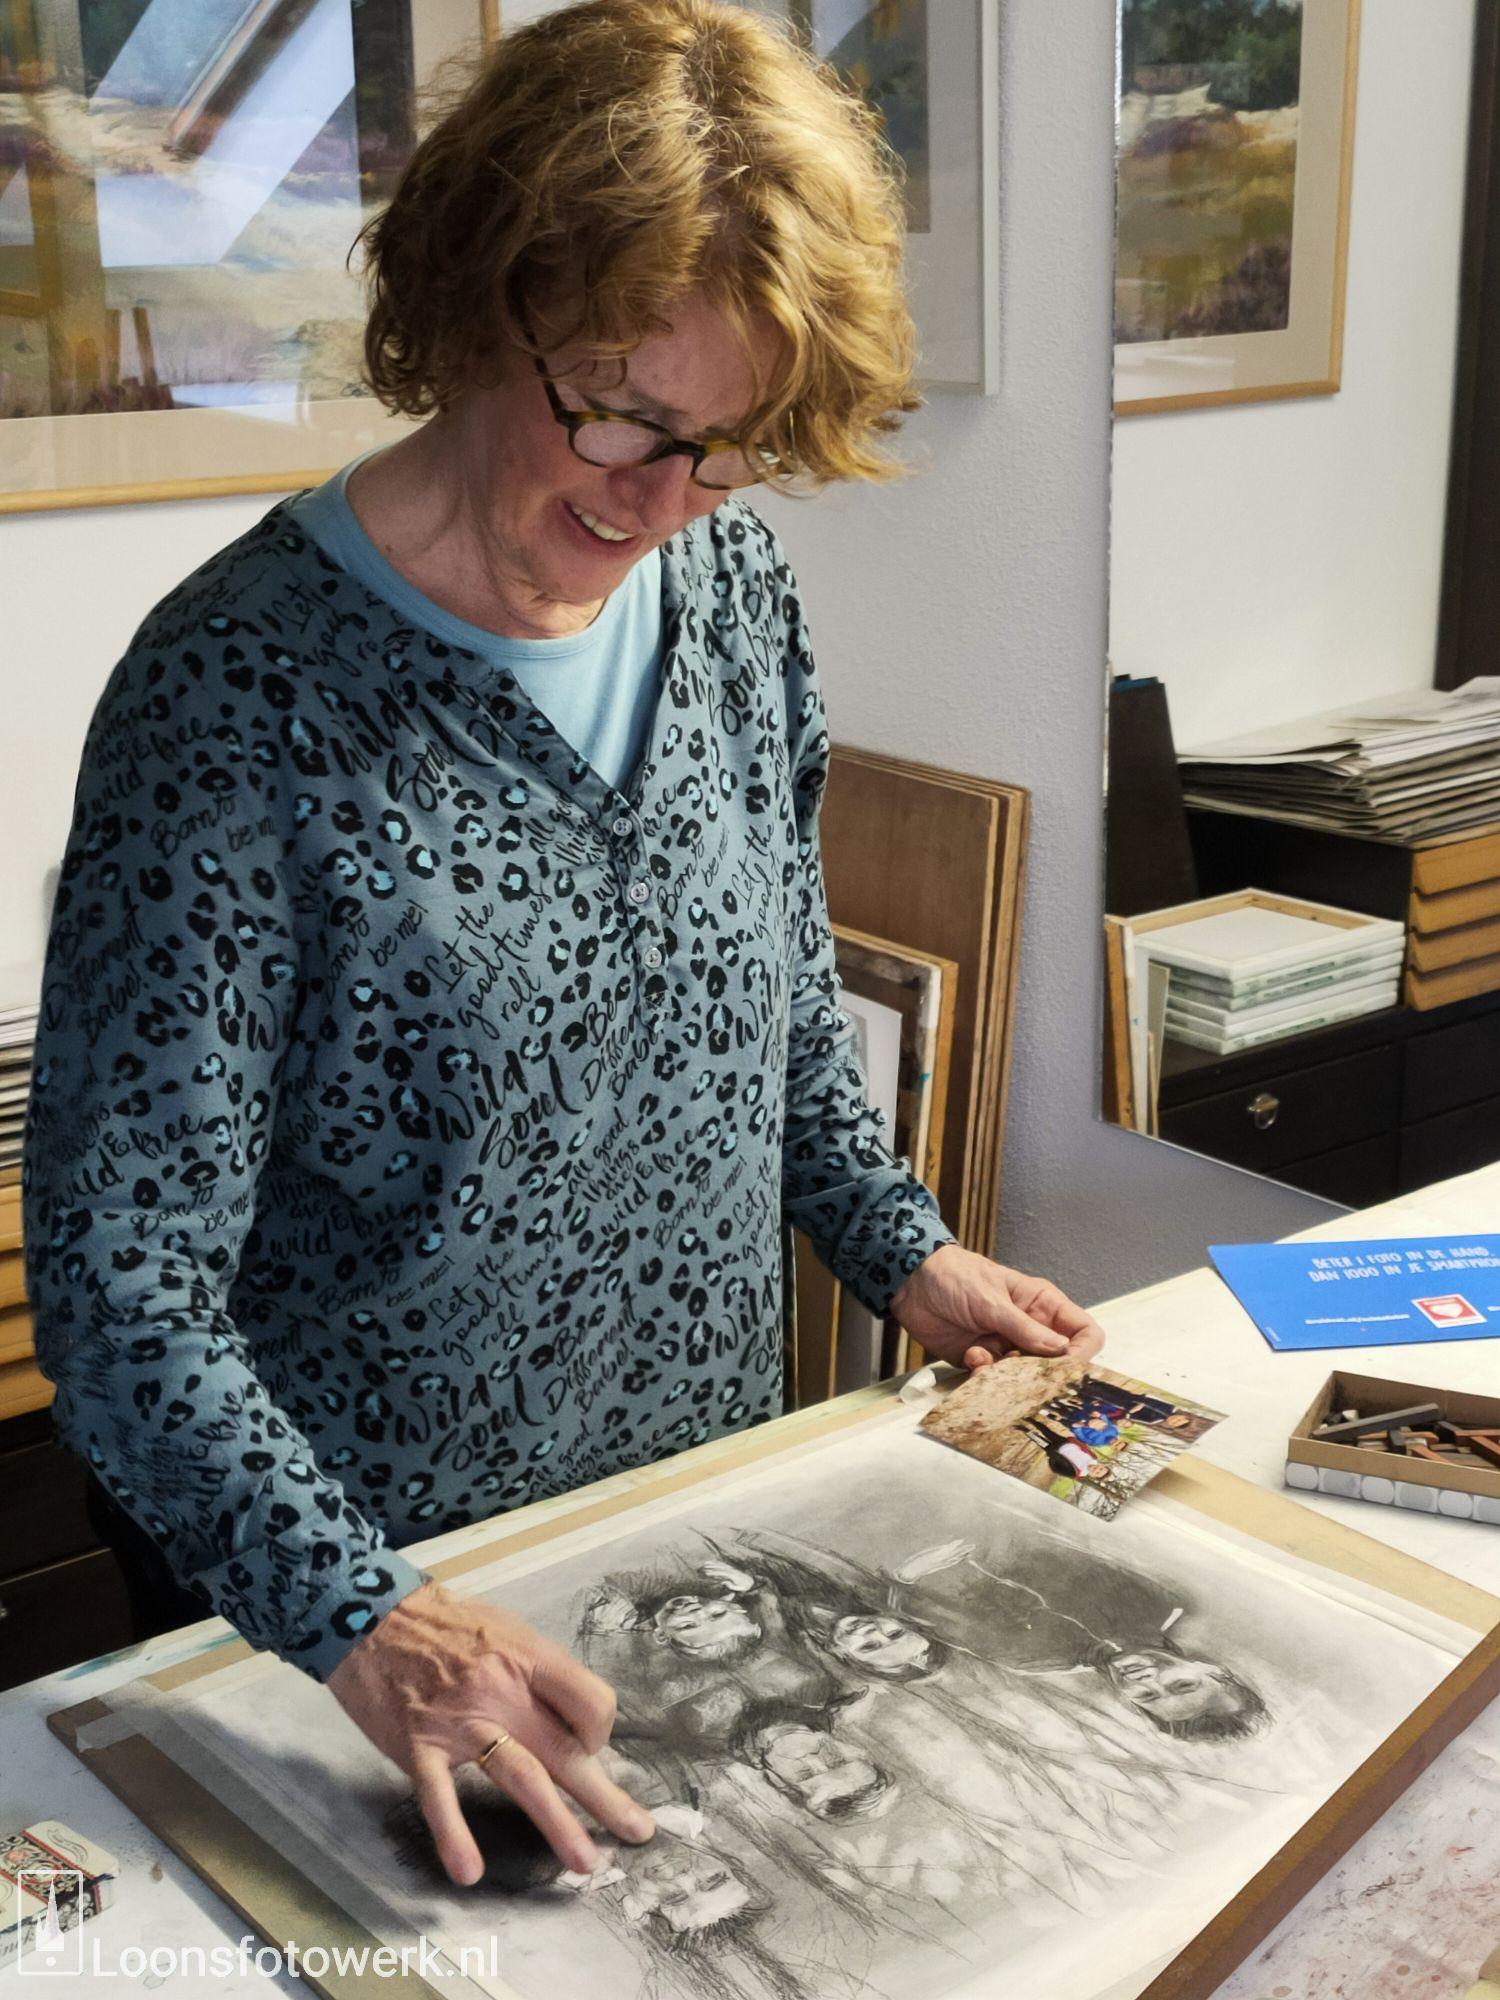 Els Smulders - Waijers, kunstenares in hart en nieren 17